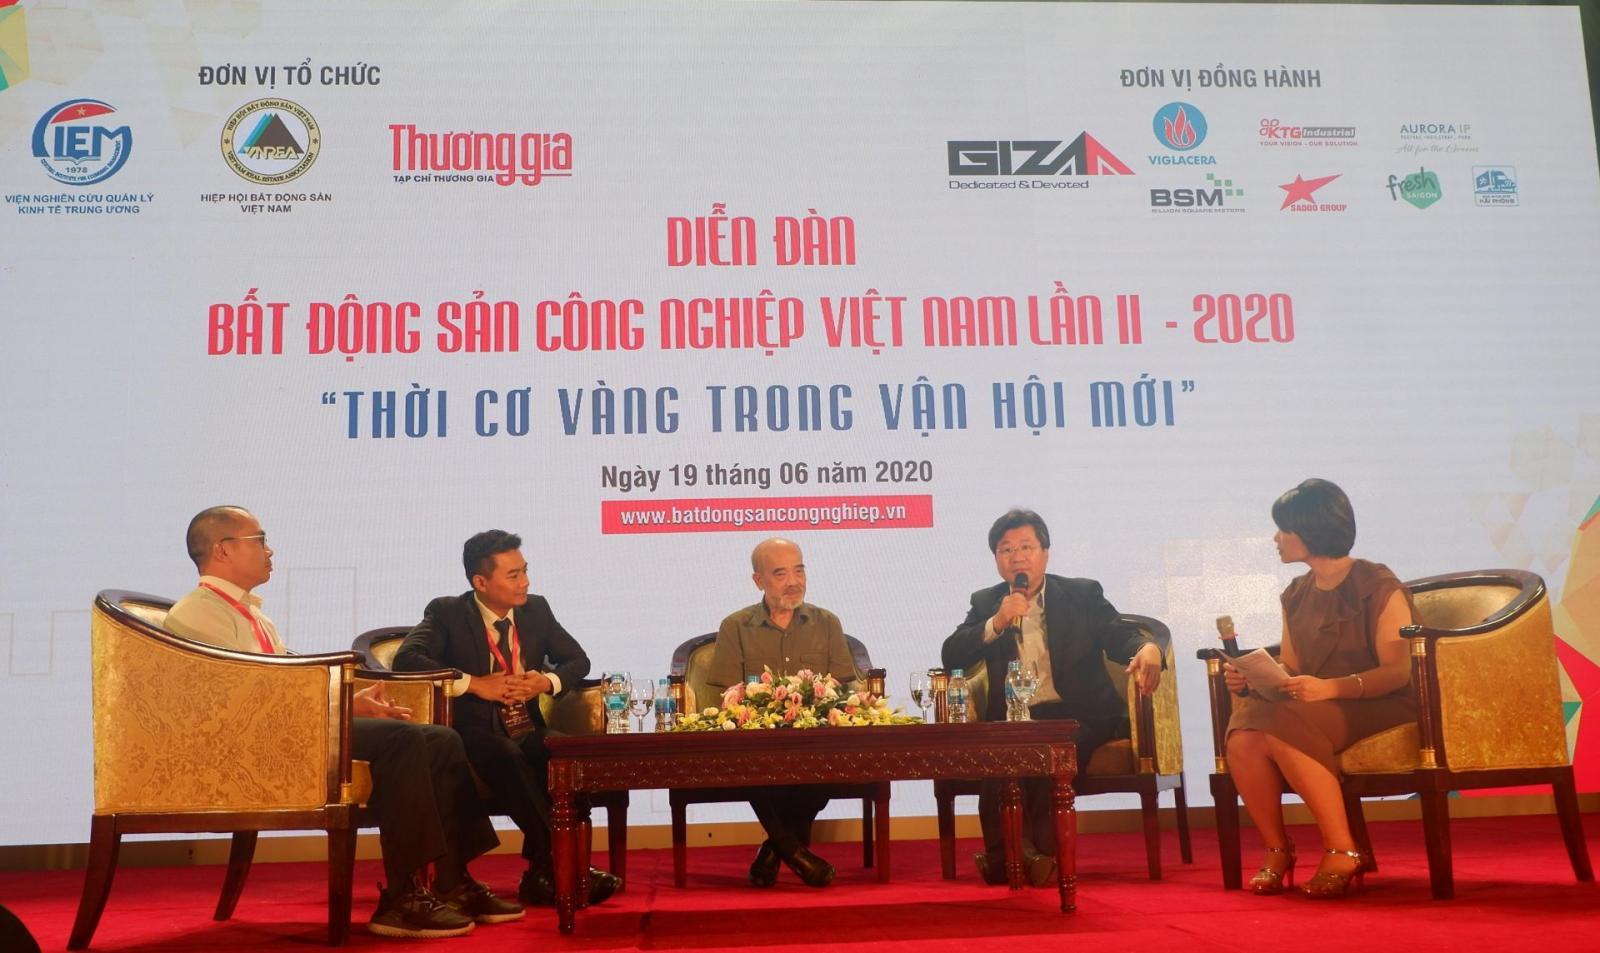 Các chuyên gia tại hội thảo về bất động sản công nghiệp Việt Nam